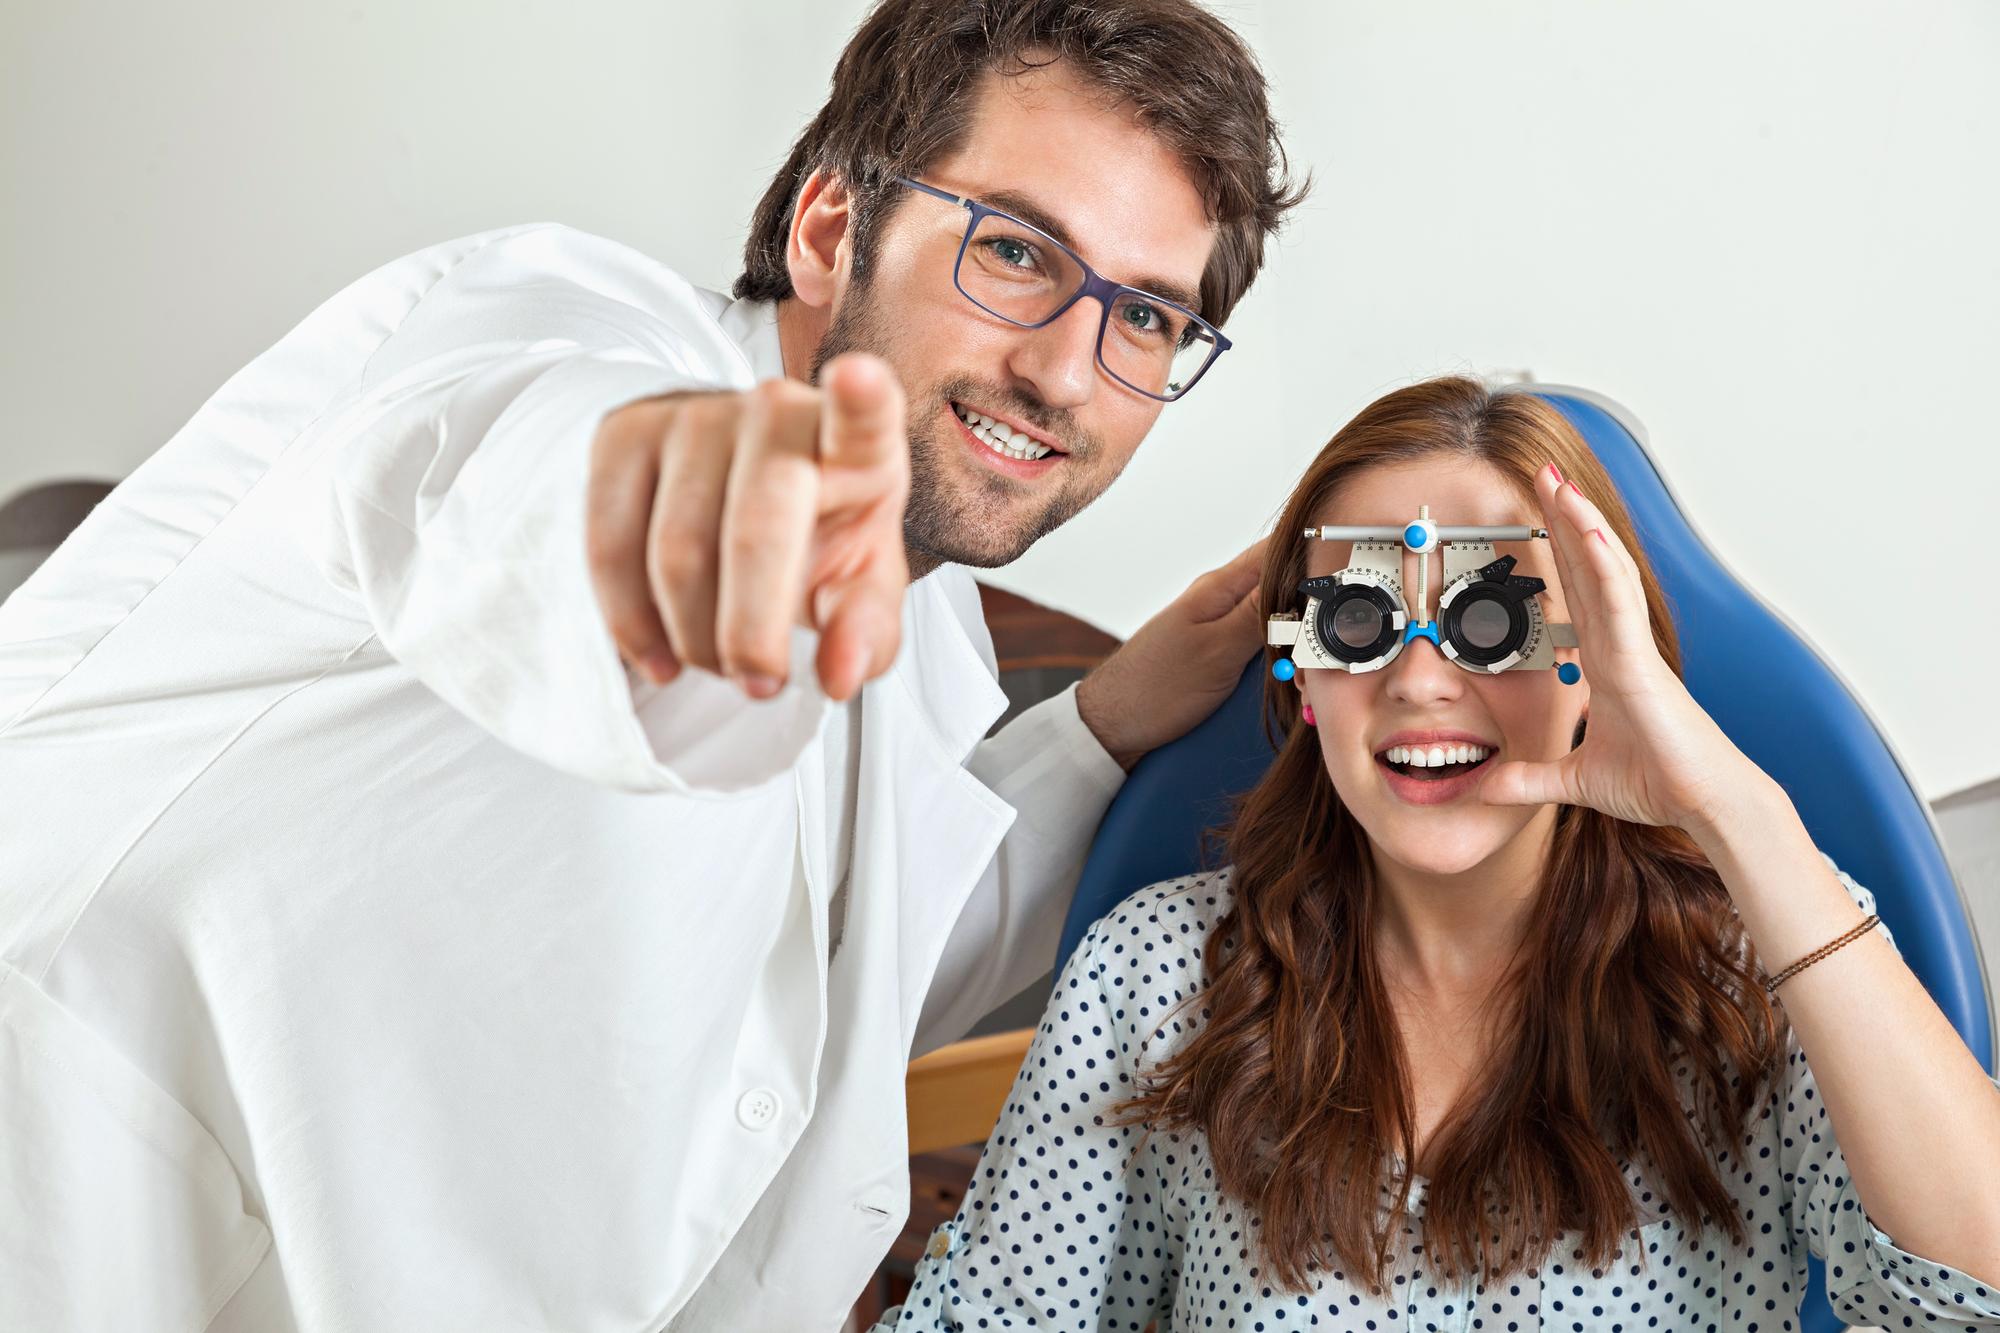 Симптомы, когда стоит обратиться к офтальмологу